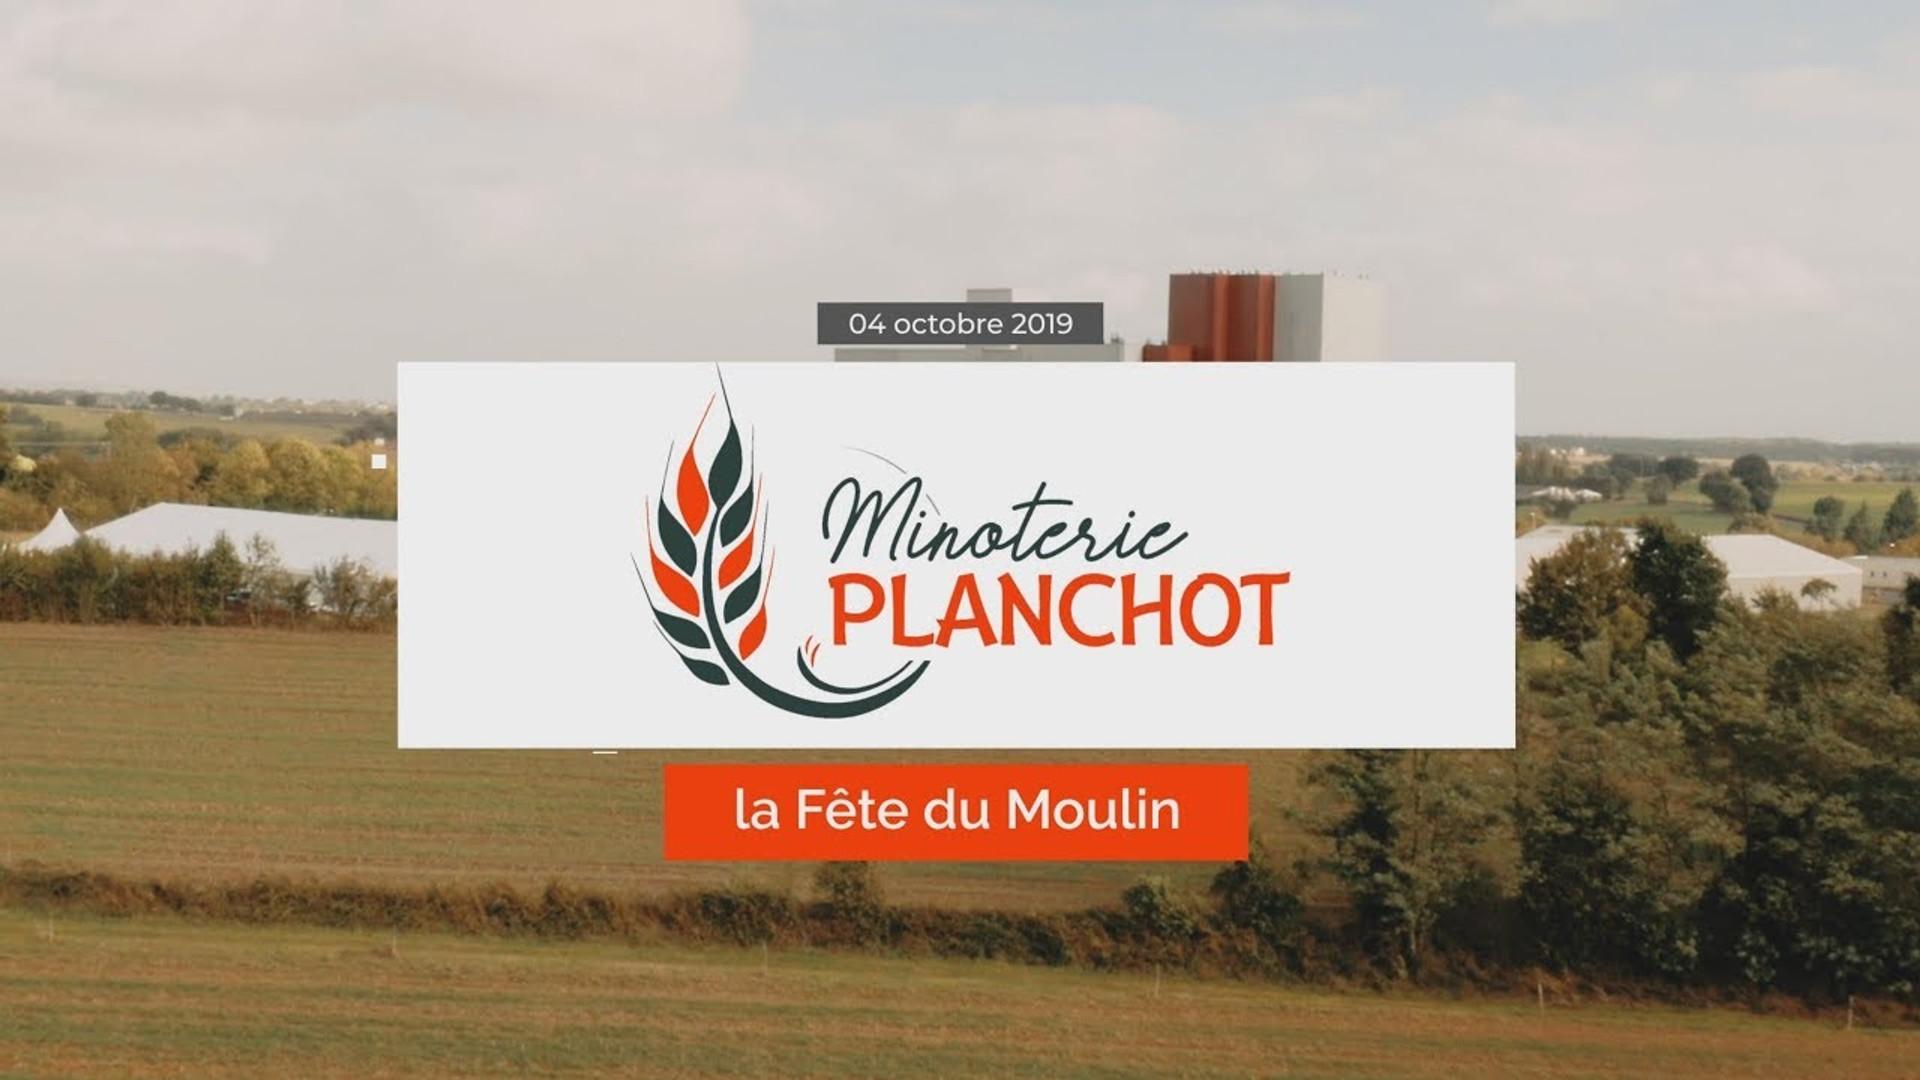 La Fête du Moulin à la Minoterie Planchot